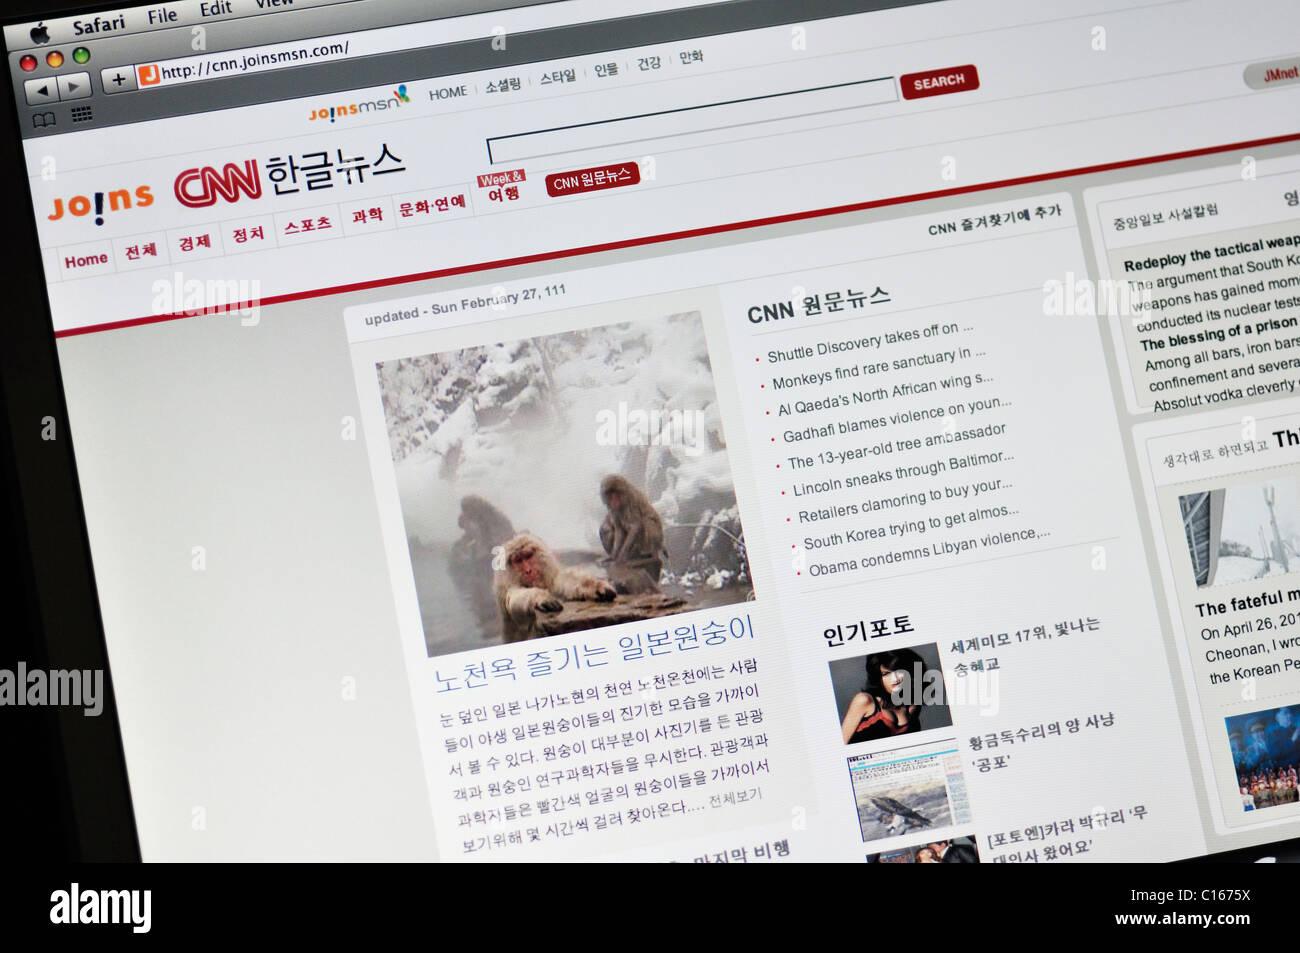 Cnn News Stock Photos & Cnn News Stock Images - Alamy